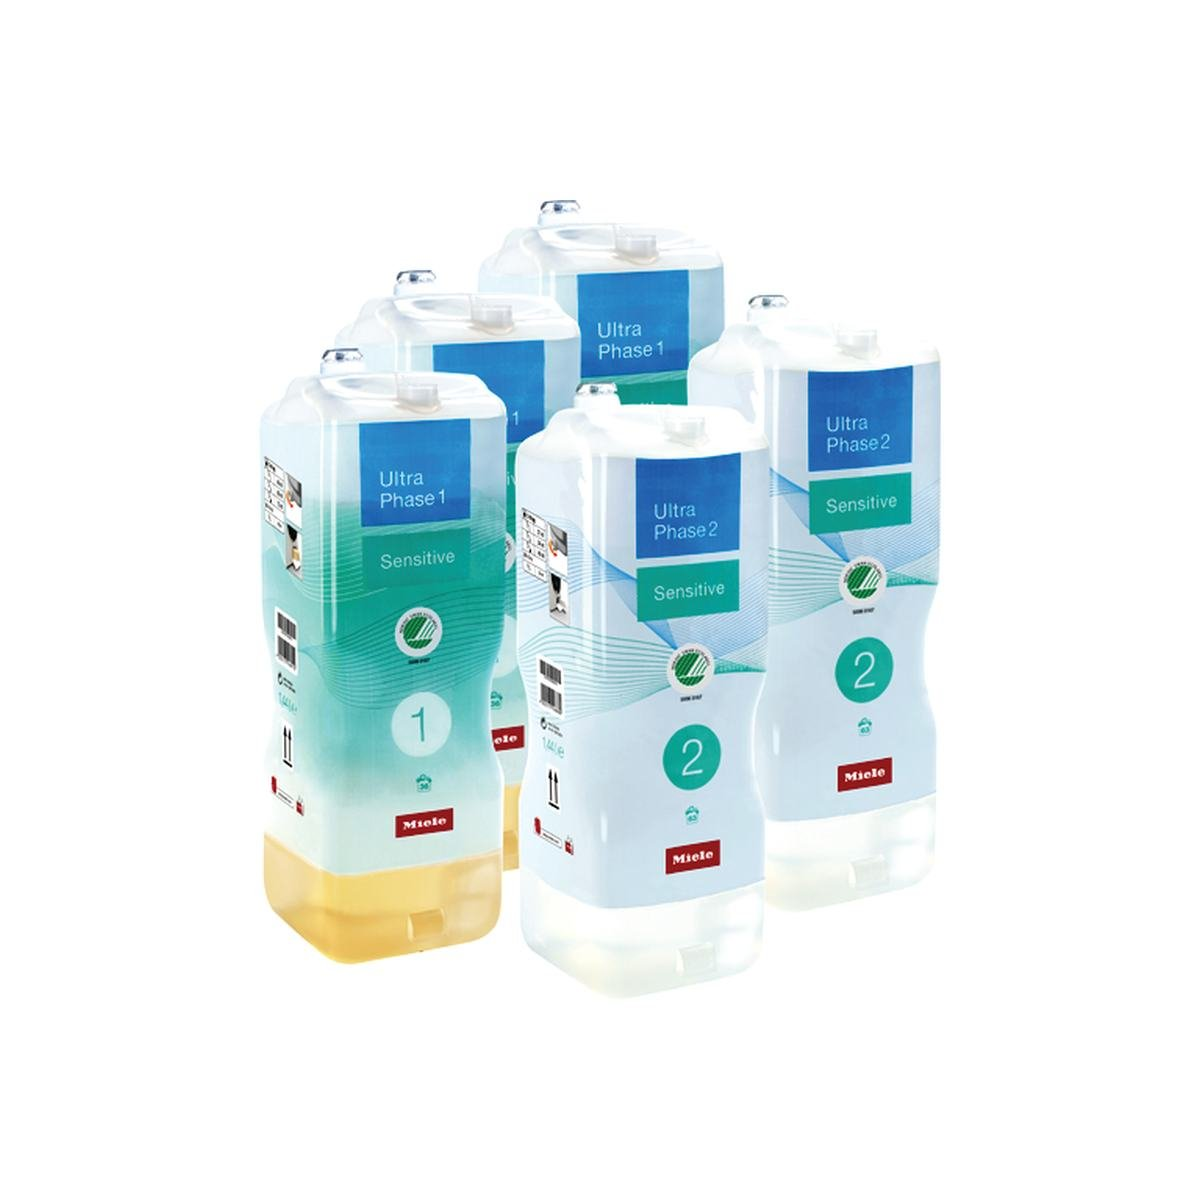 UltraPhase 1 og 2 Sensitive 3 + 2 stk - Miele